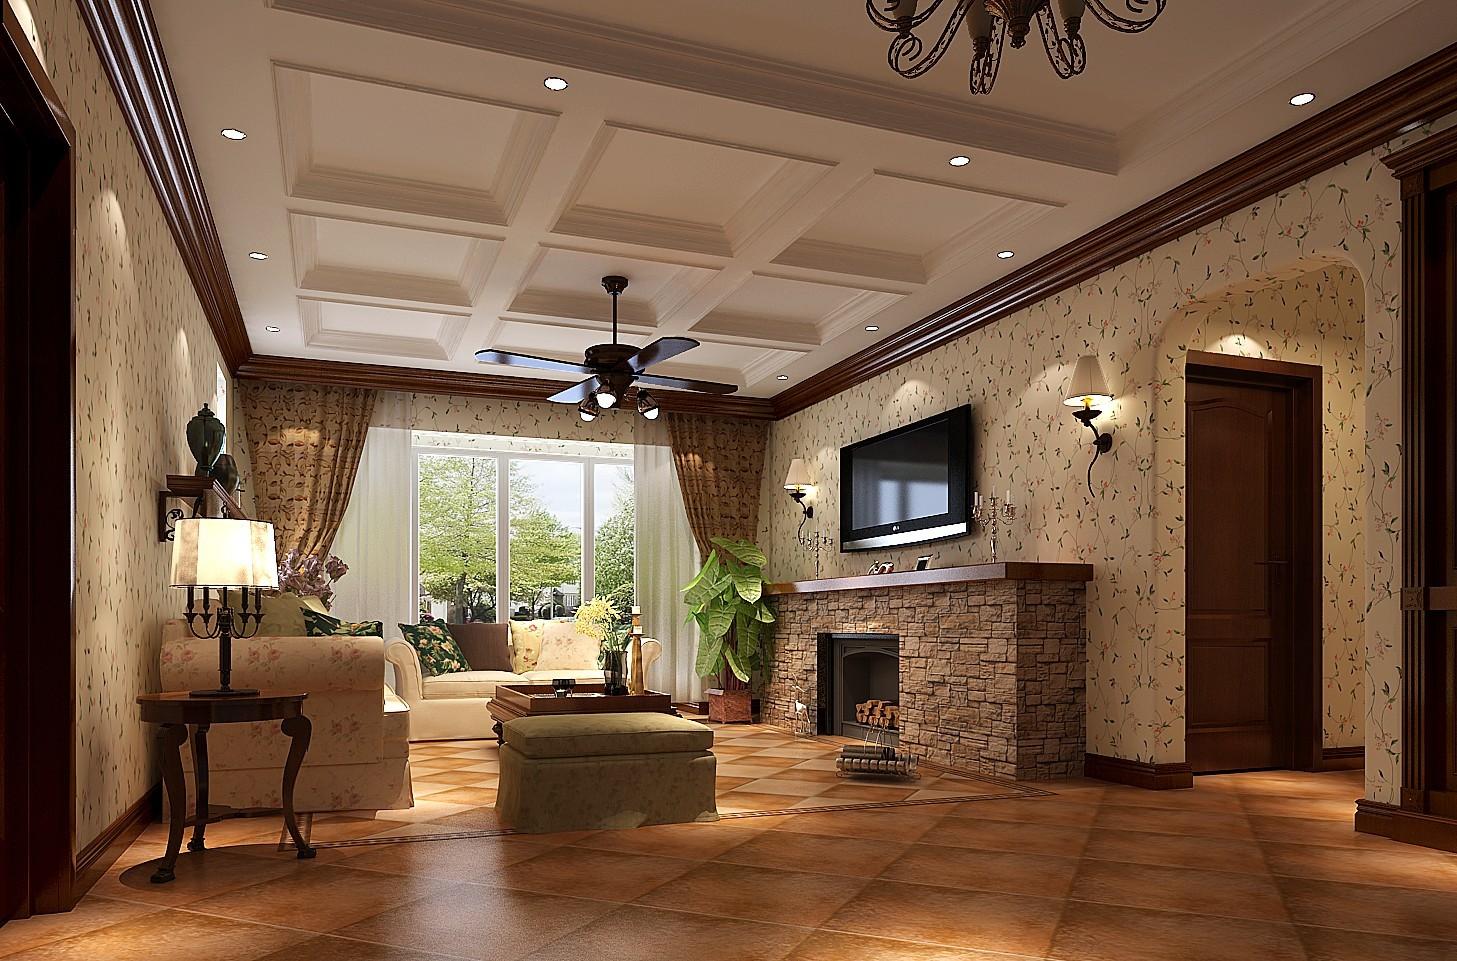 客厅图片来自专业别墅设计工作室在托斯卡纳风格的分享